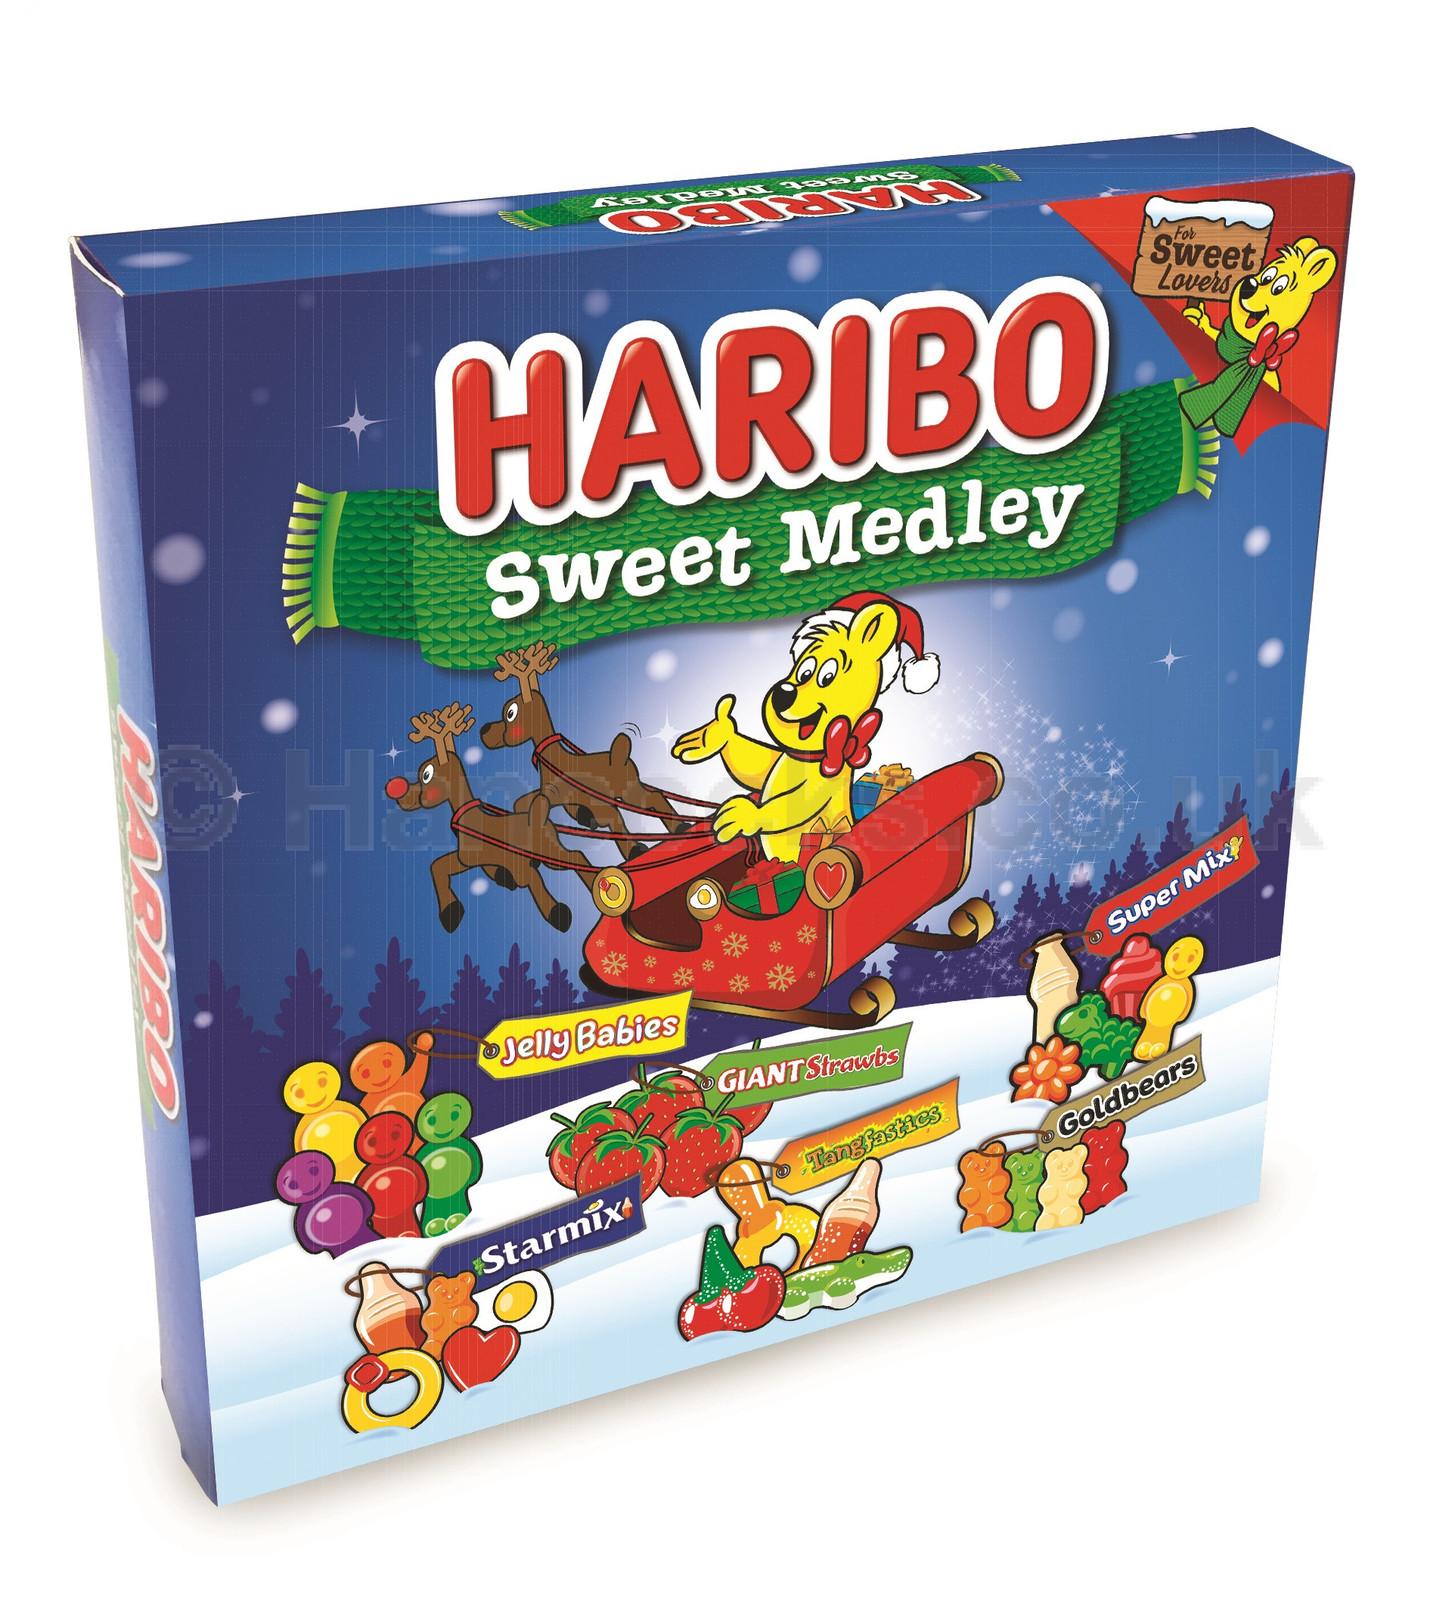 Haribo Sweet Medley 540g image